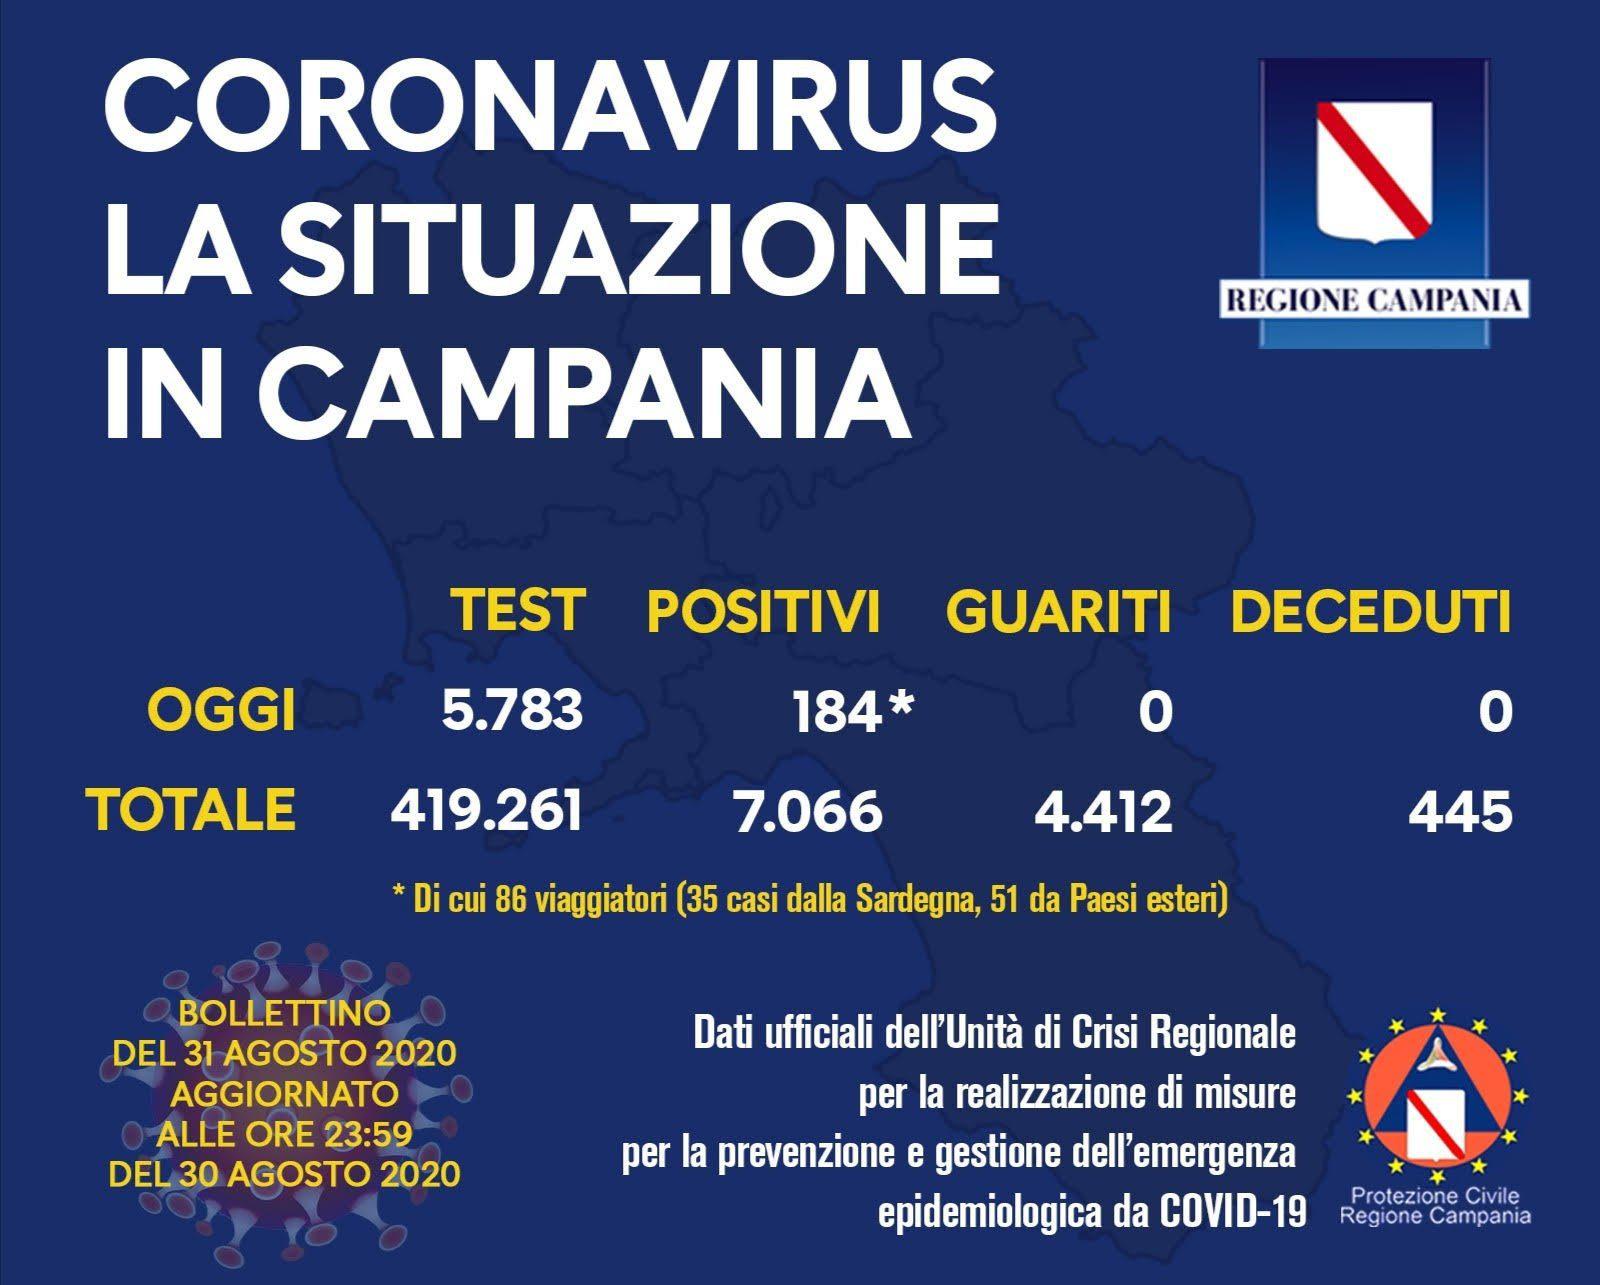 118651628 10158369981933257 6393788578812959498 o - COVID-19, IL BOLLETTINO ORDINARIO DELL'UNITÀ DI CRISI DELLA REGIONE CAMPANIA - 31/8/20